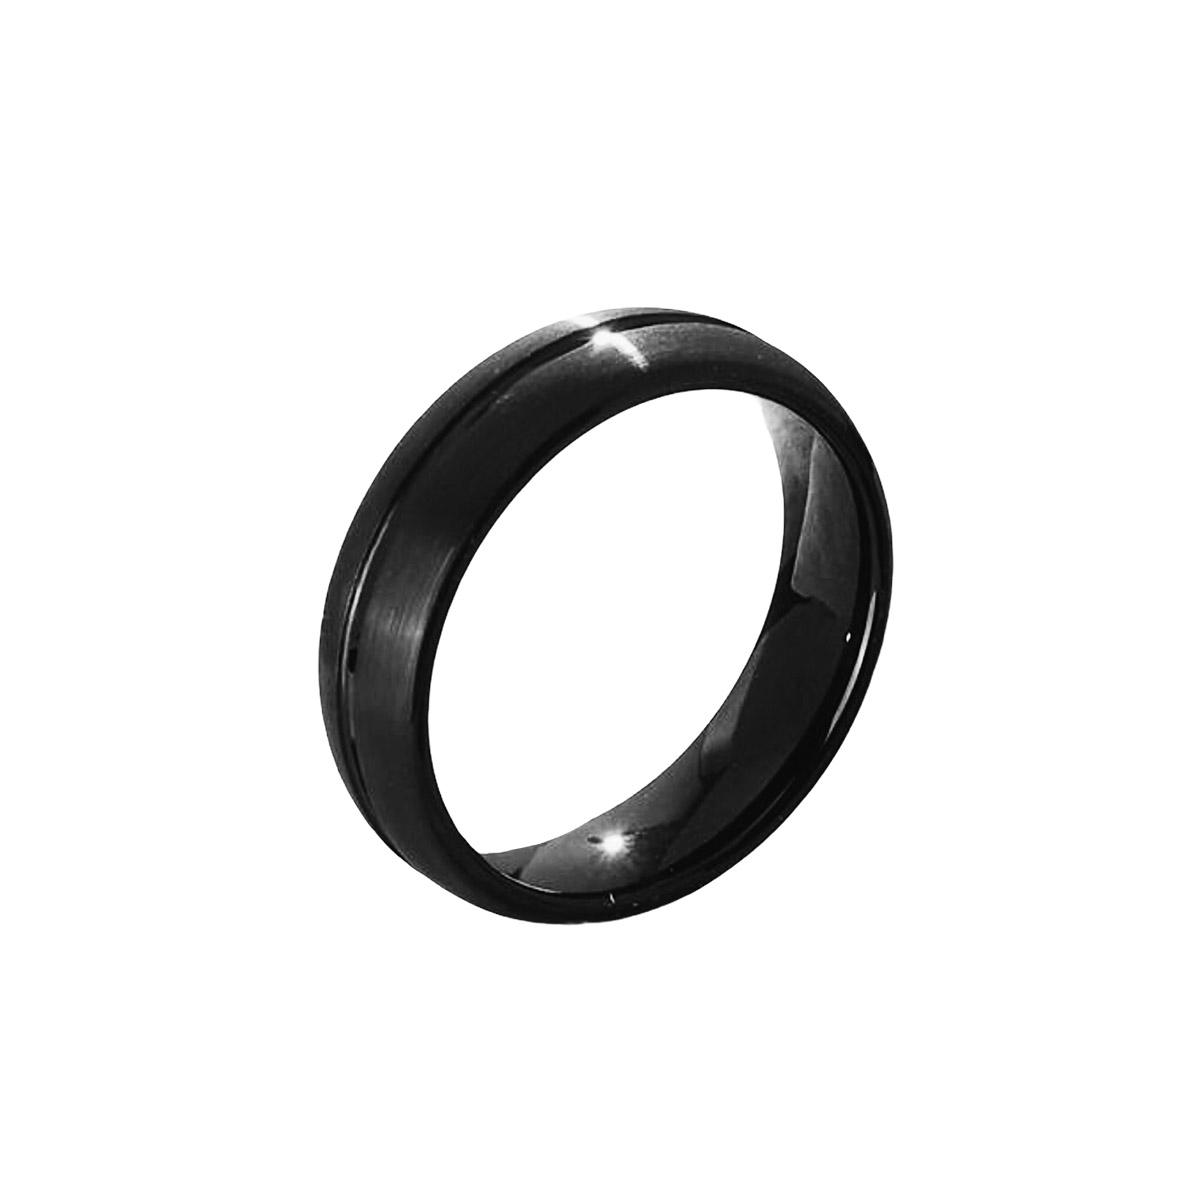 Aliança ou anel de tungstênio anatômico com faixa central